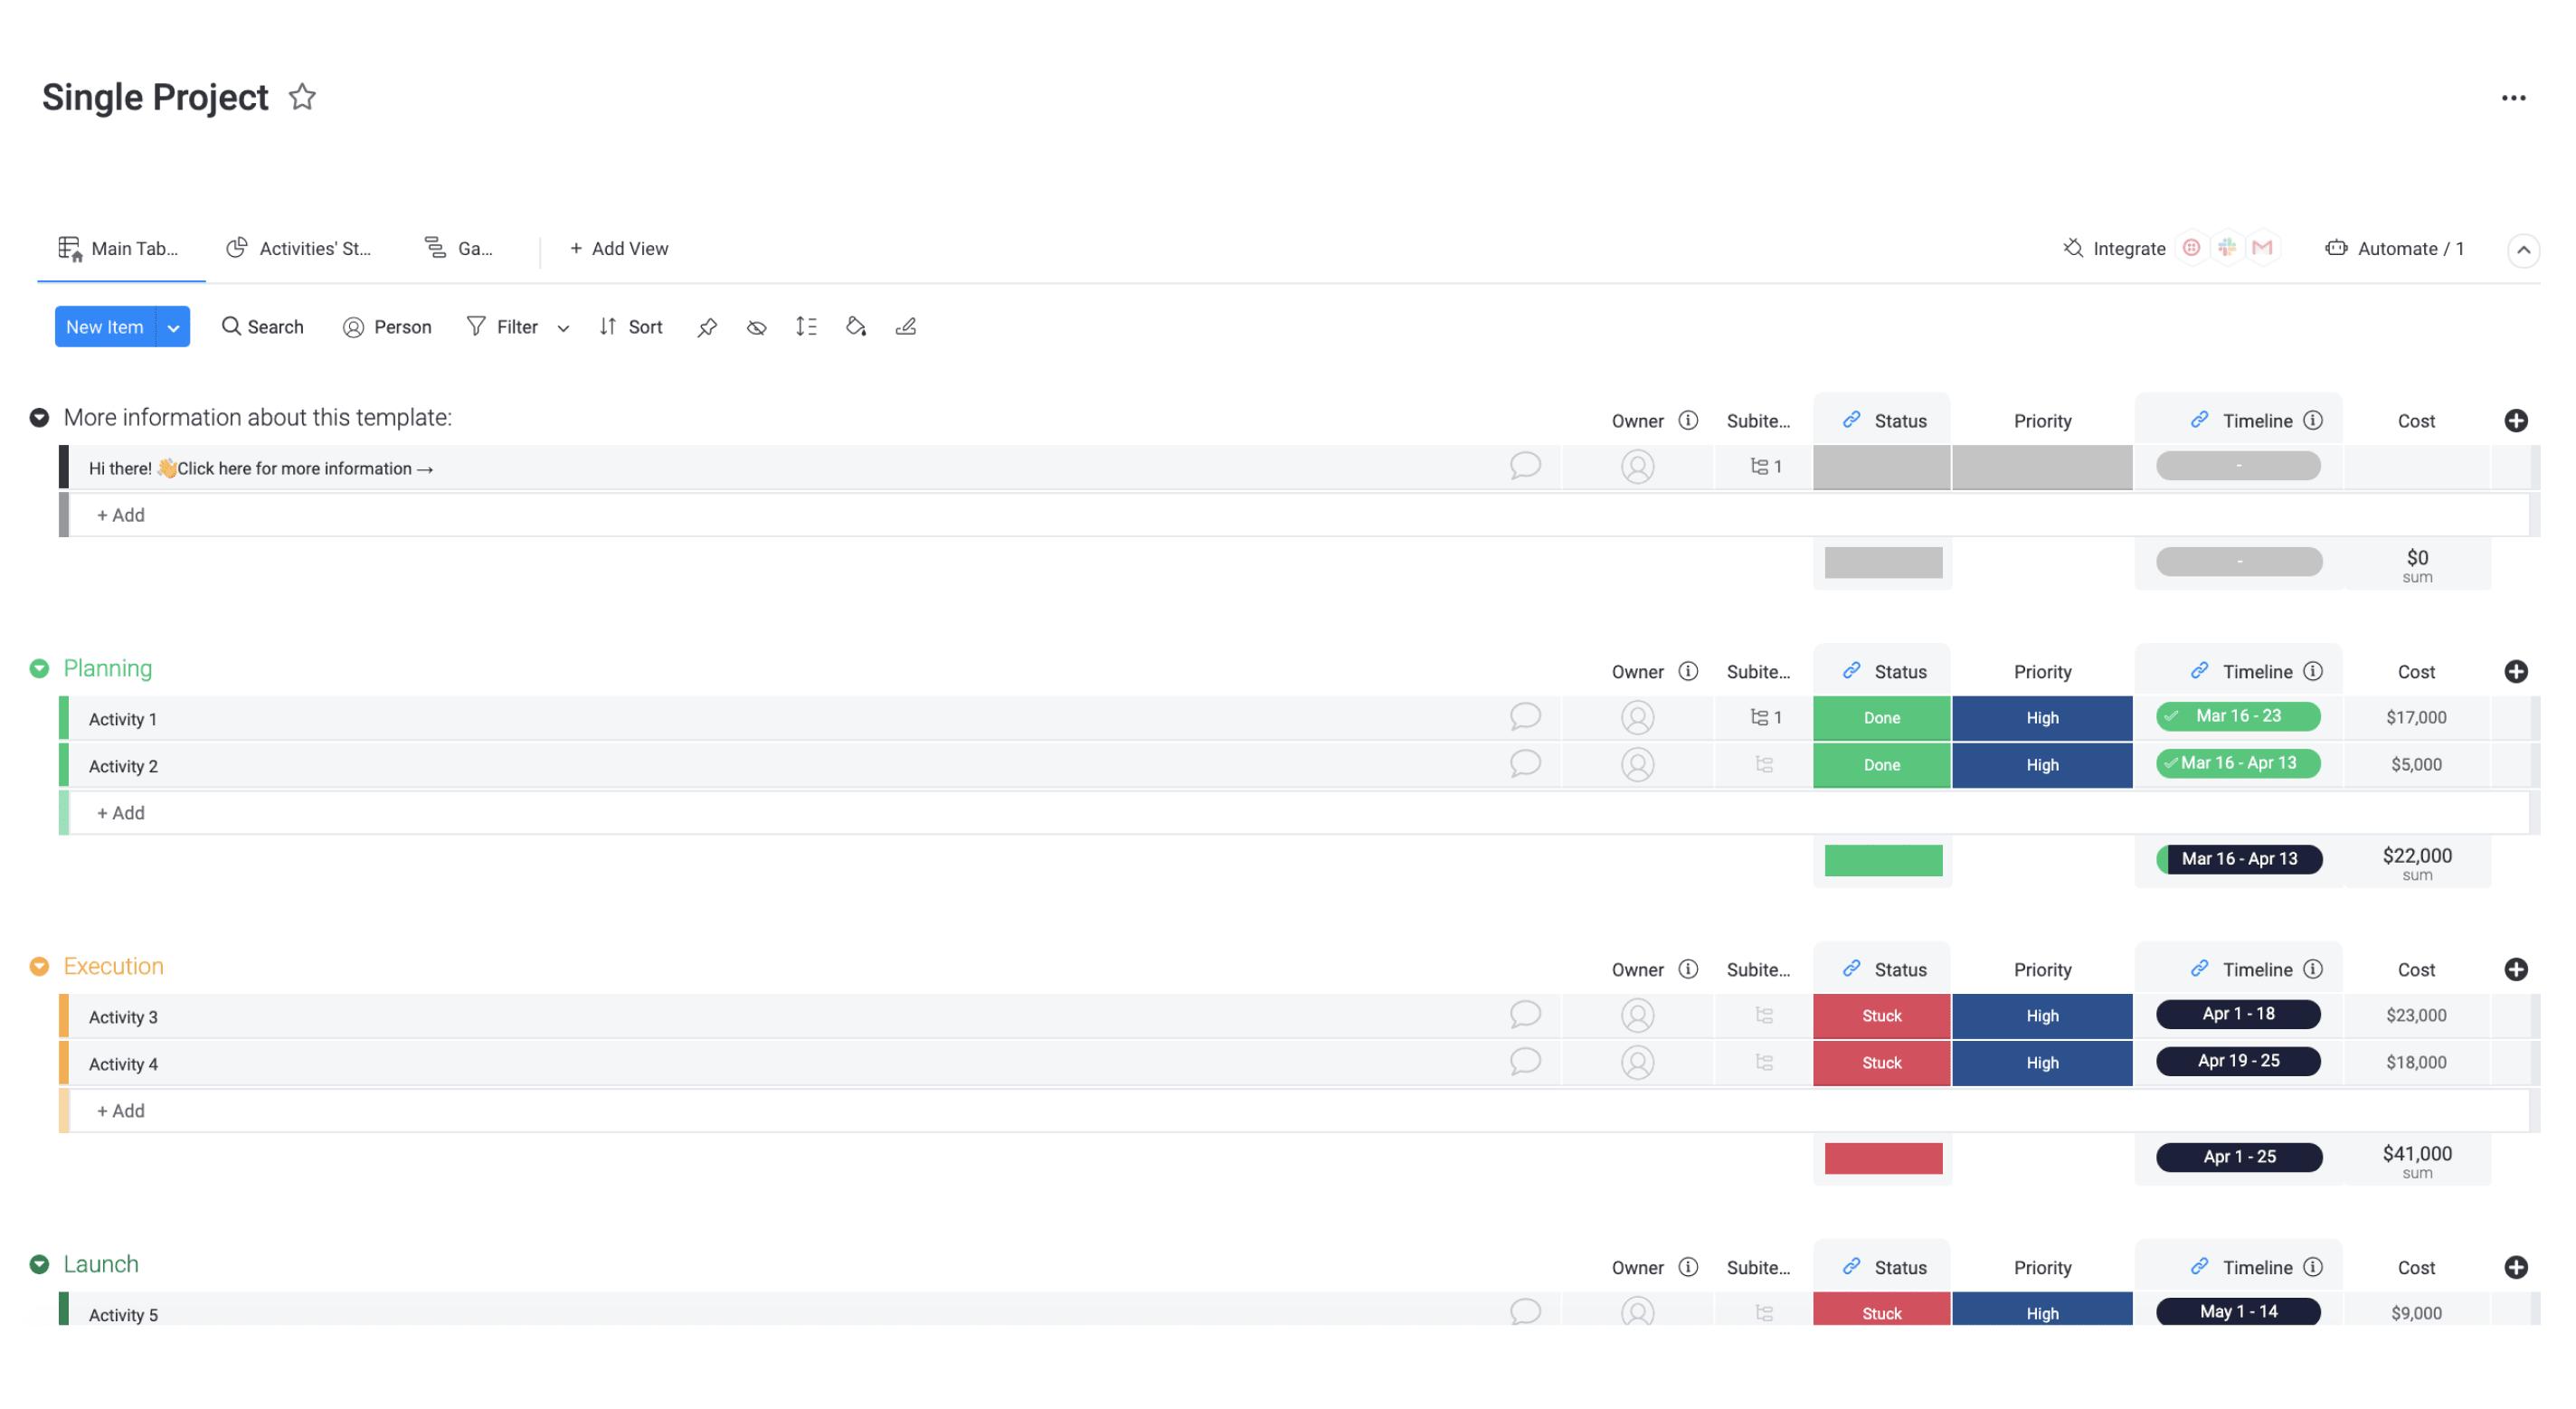 Single Project Board